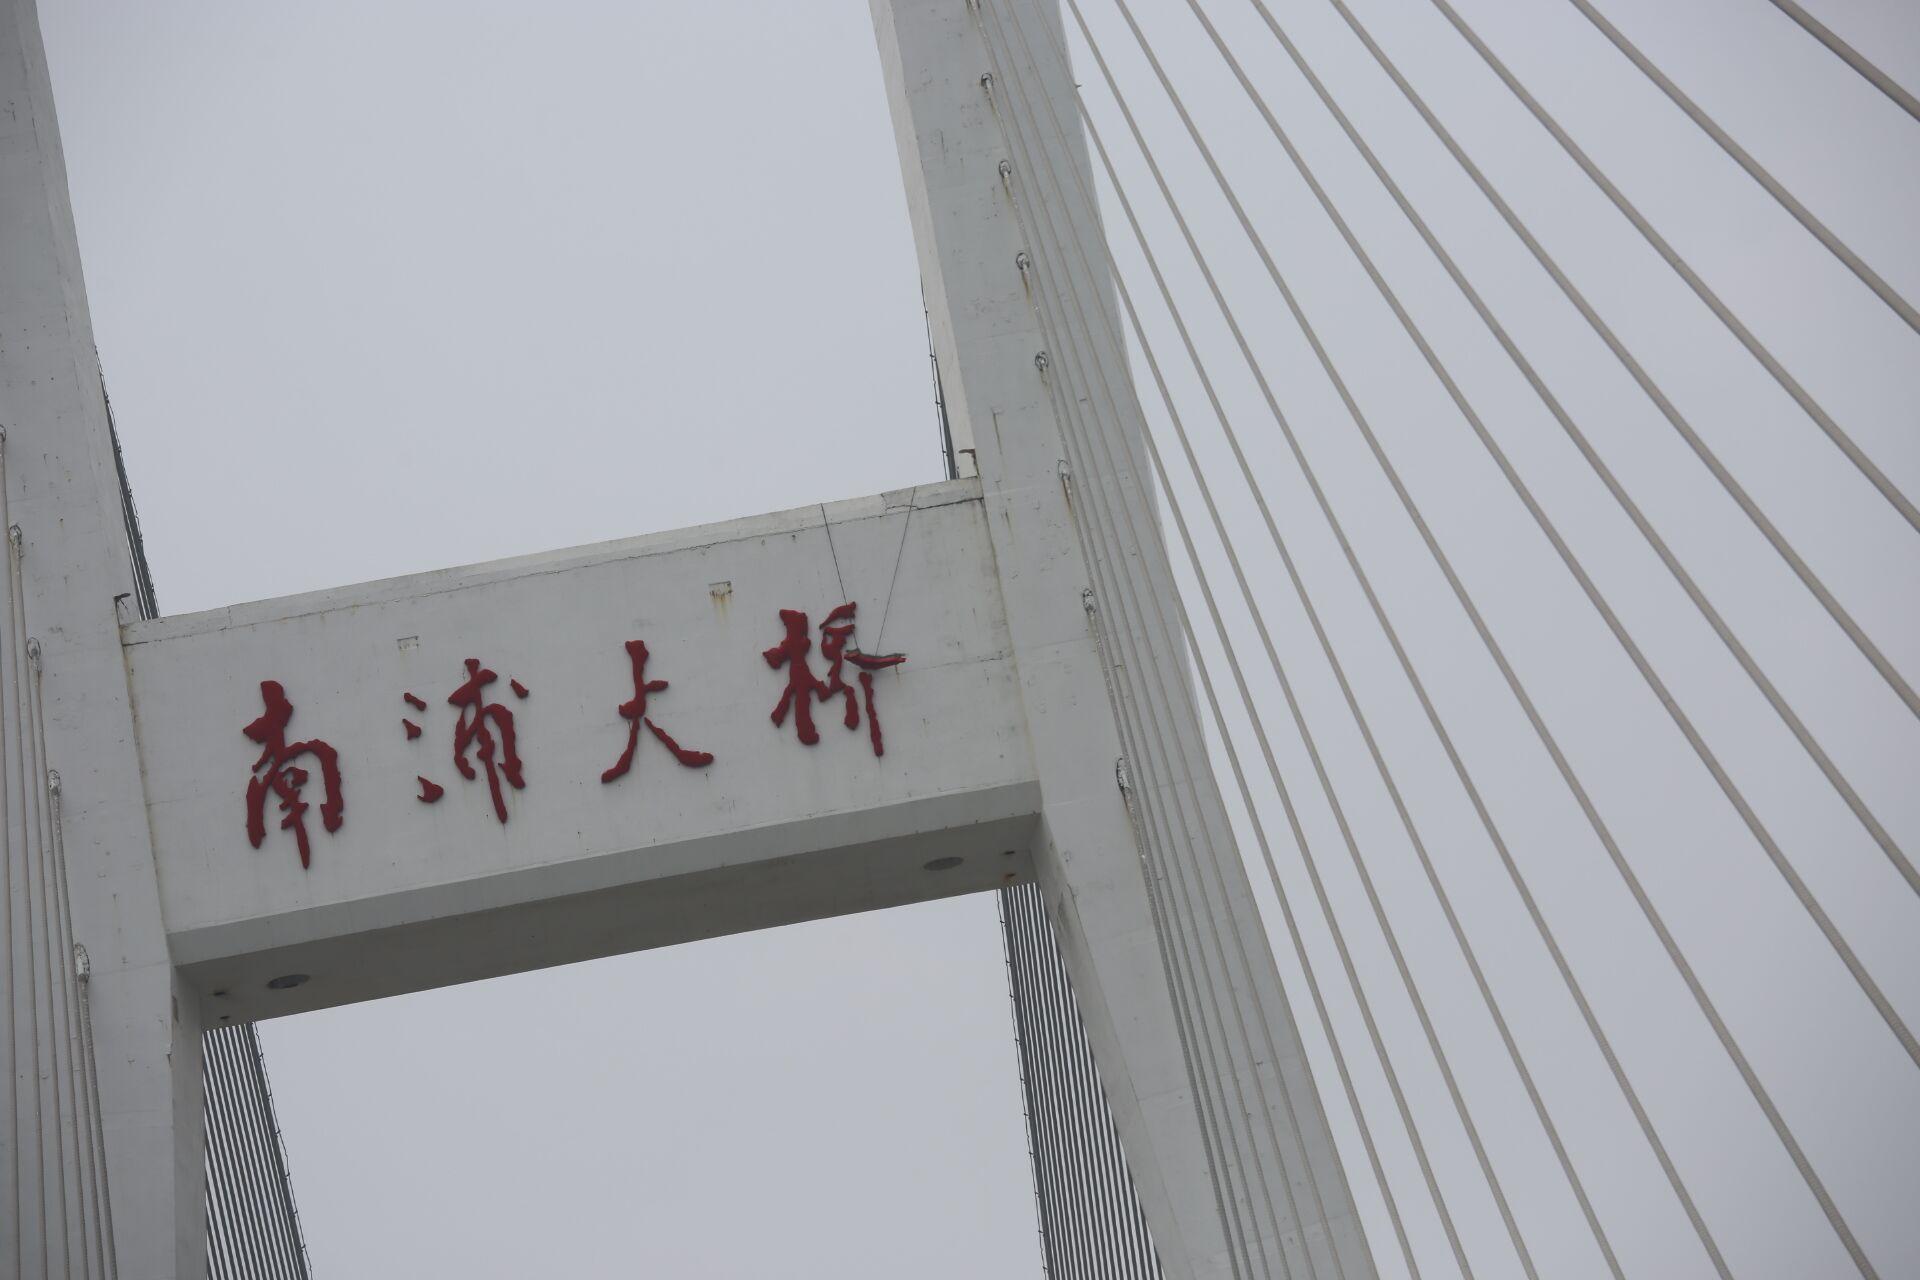 """南浦大桥上""""桥""""字有掉落危险 封2根道紧急抢修"""